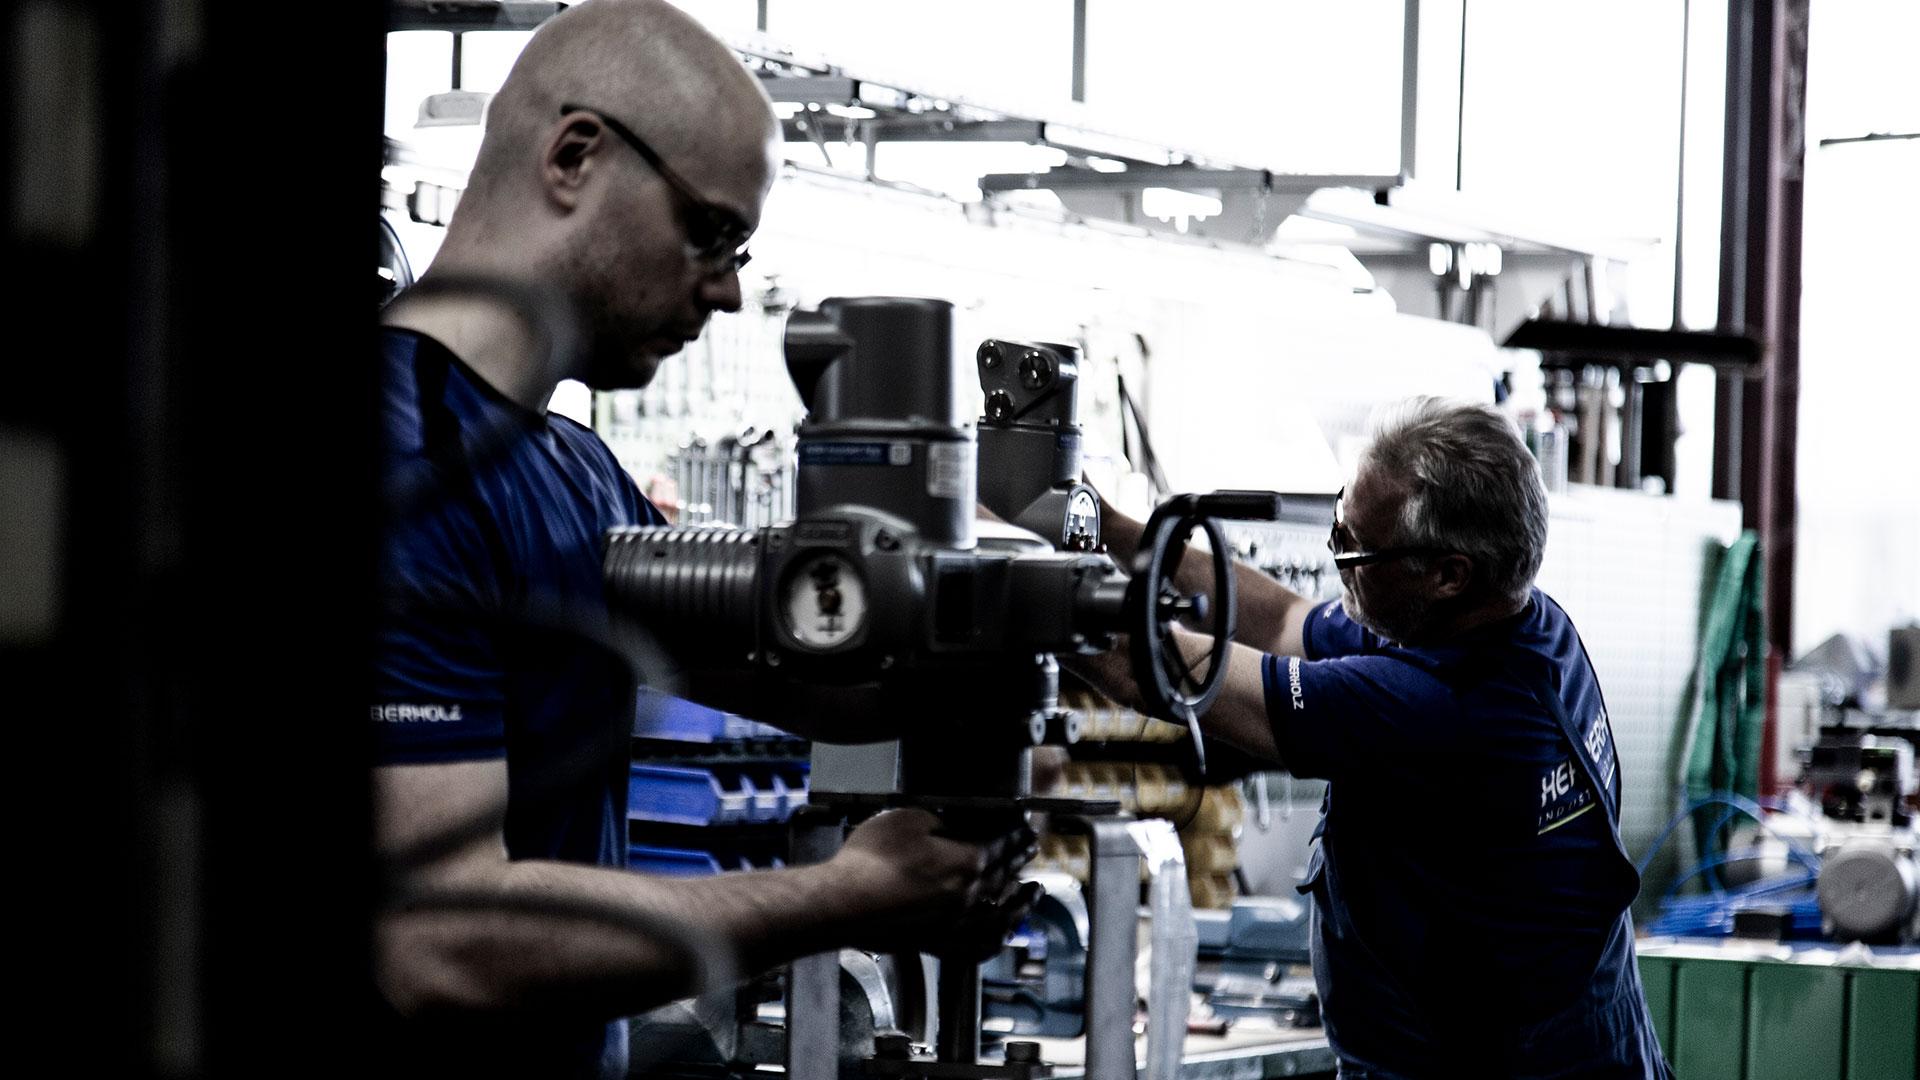 Industriearmaturen drosselklappen regelklappen absperrklappen herberholz engineering